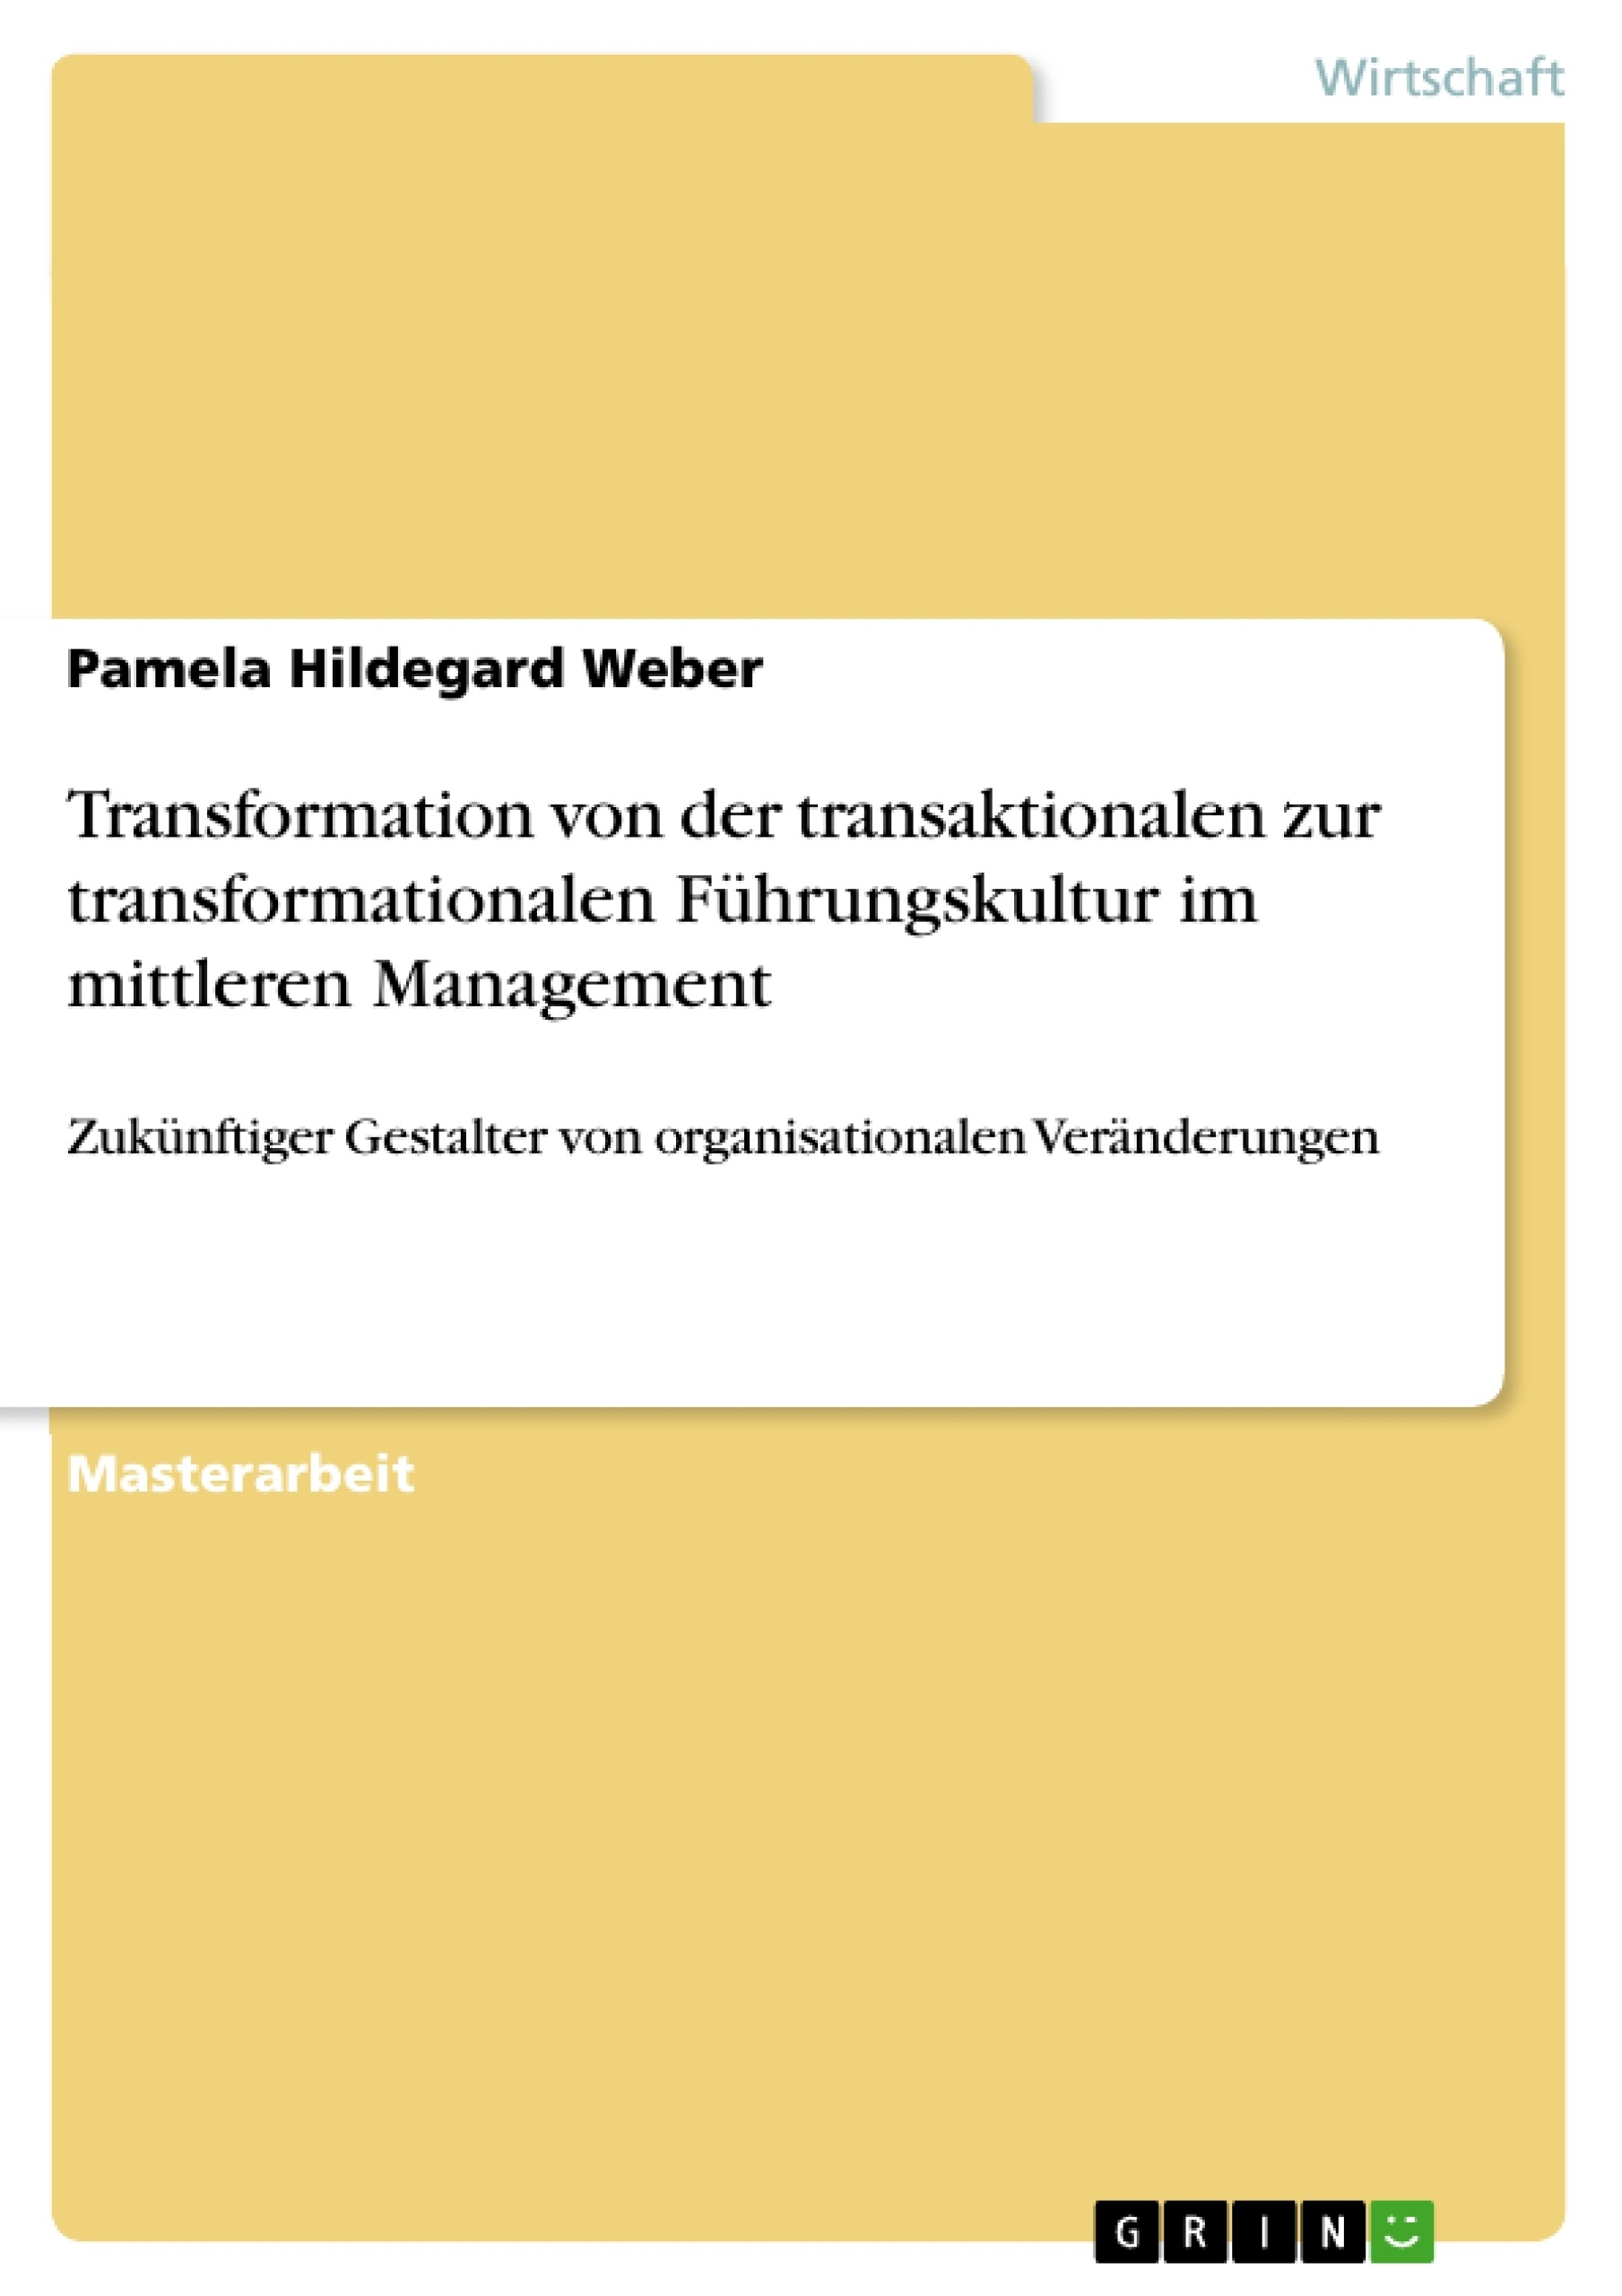 Titel: Transformation von der transaktionalen zur transformationalen Führungskultur im mittleren Management